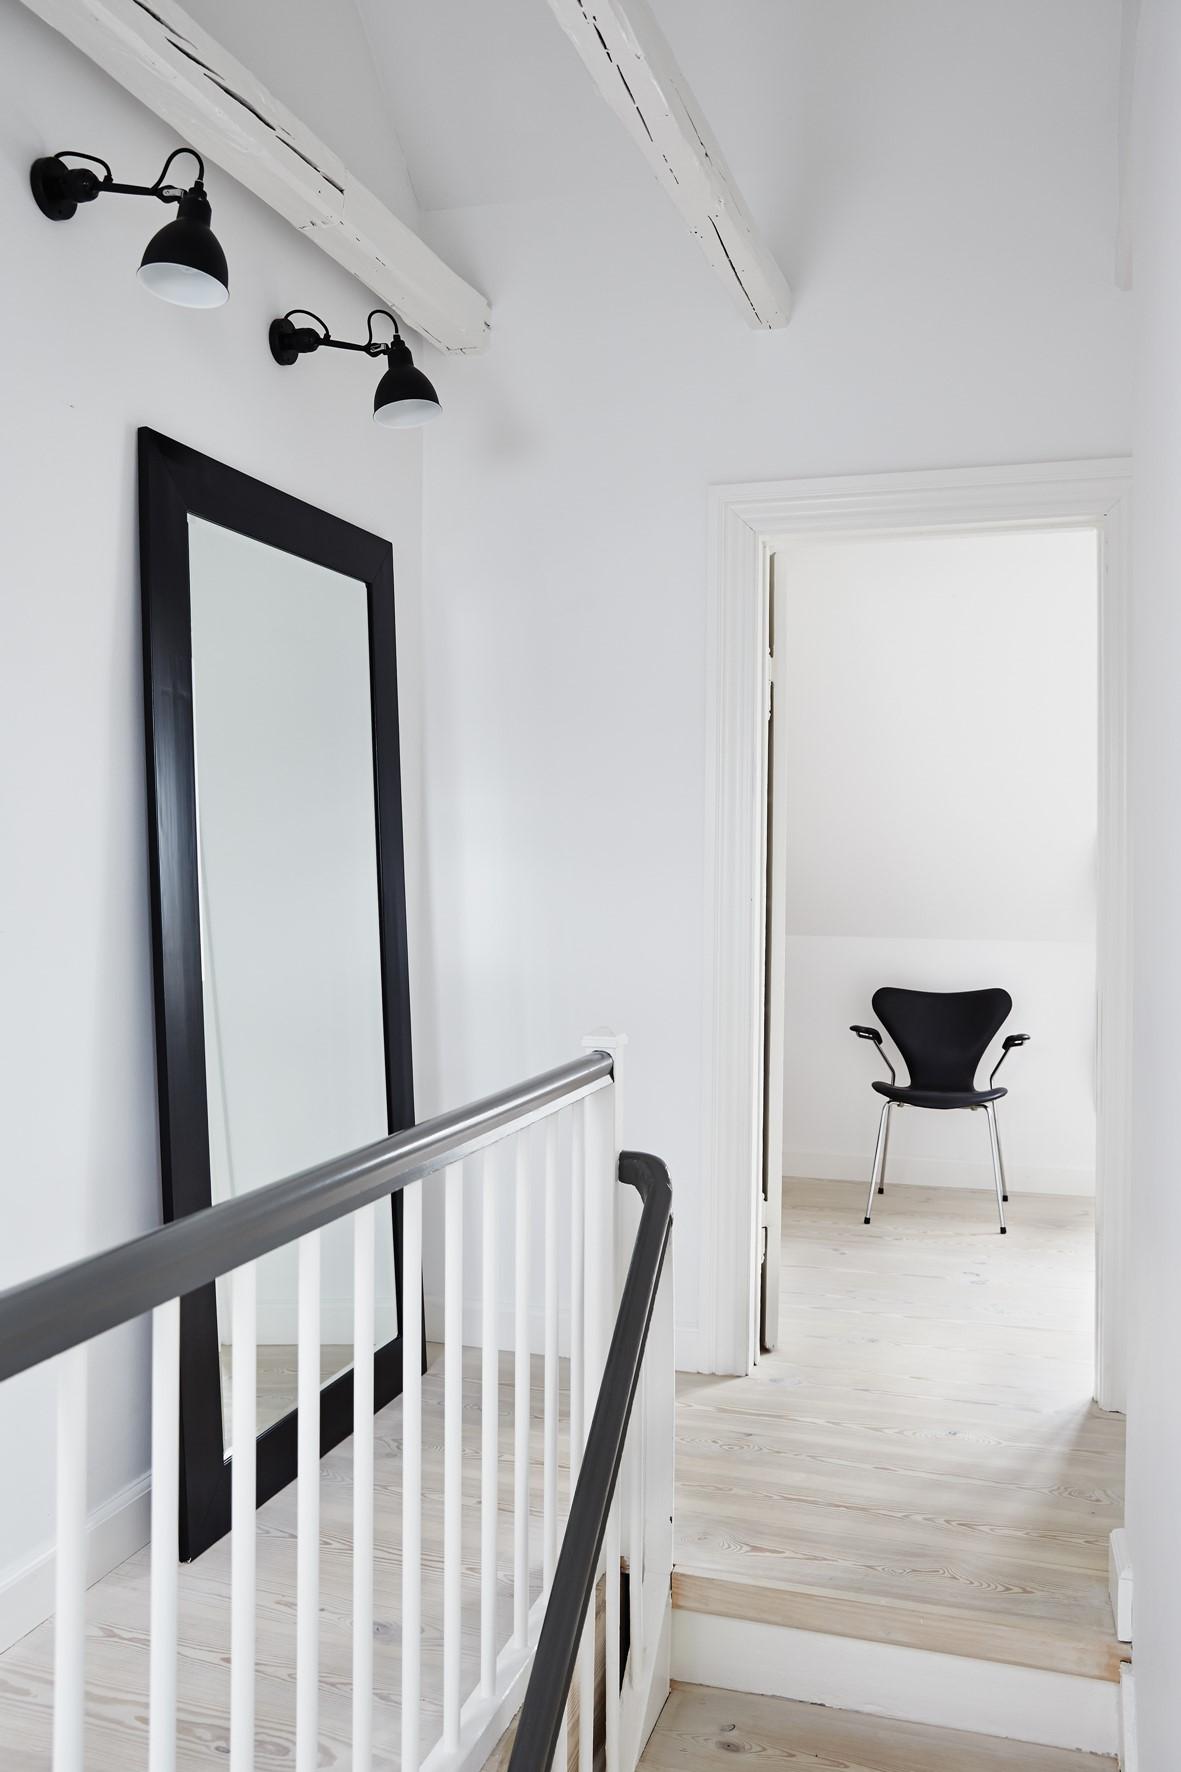 pine floor lye white soap hallinsgade stairs dinesen.jpg